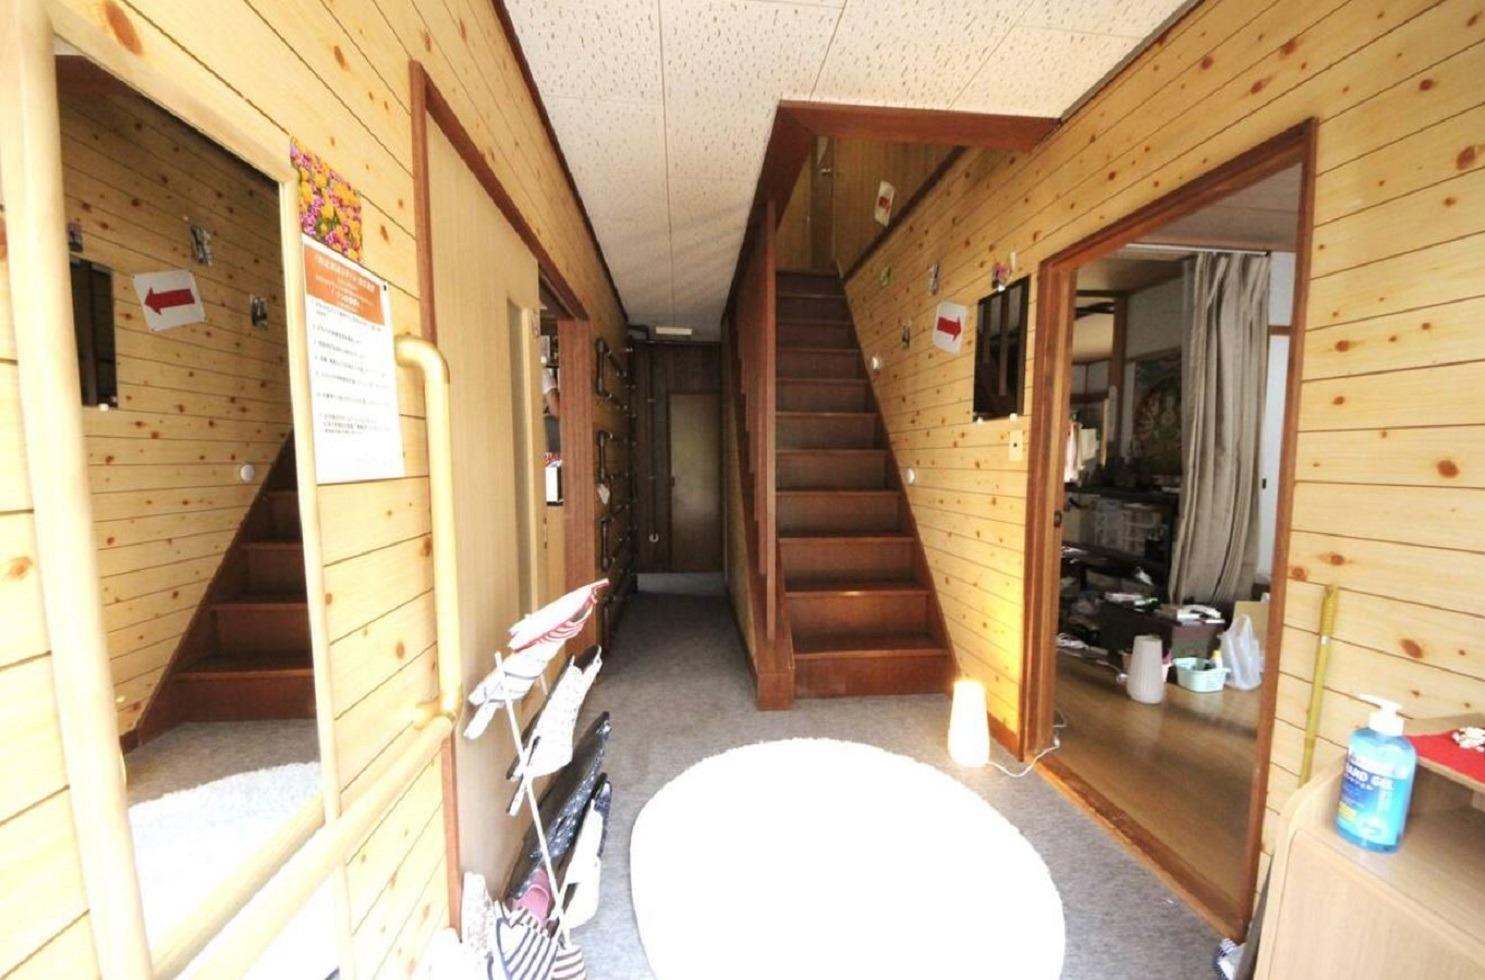 宿泊室4★最寄バス停から徒歩10分♪北海道北湯沢温泉が楽しめます!